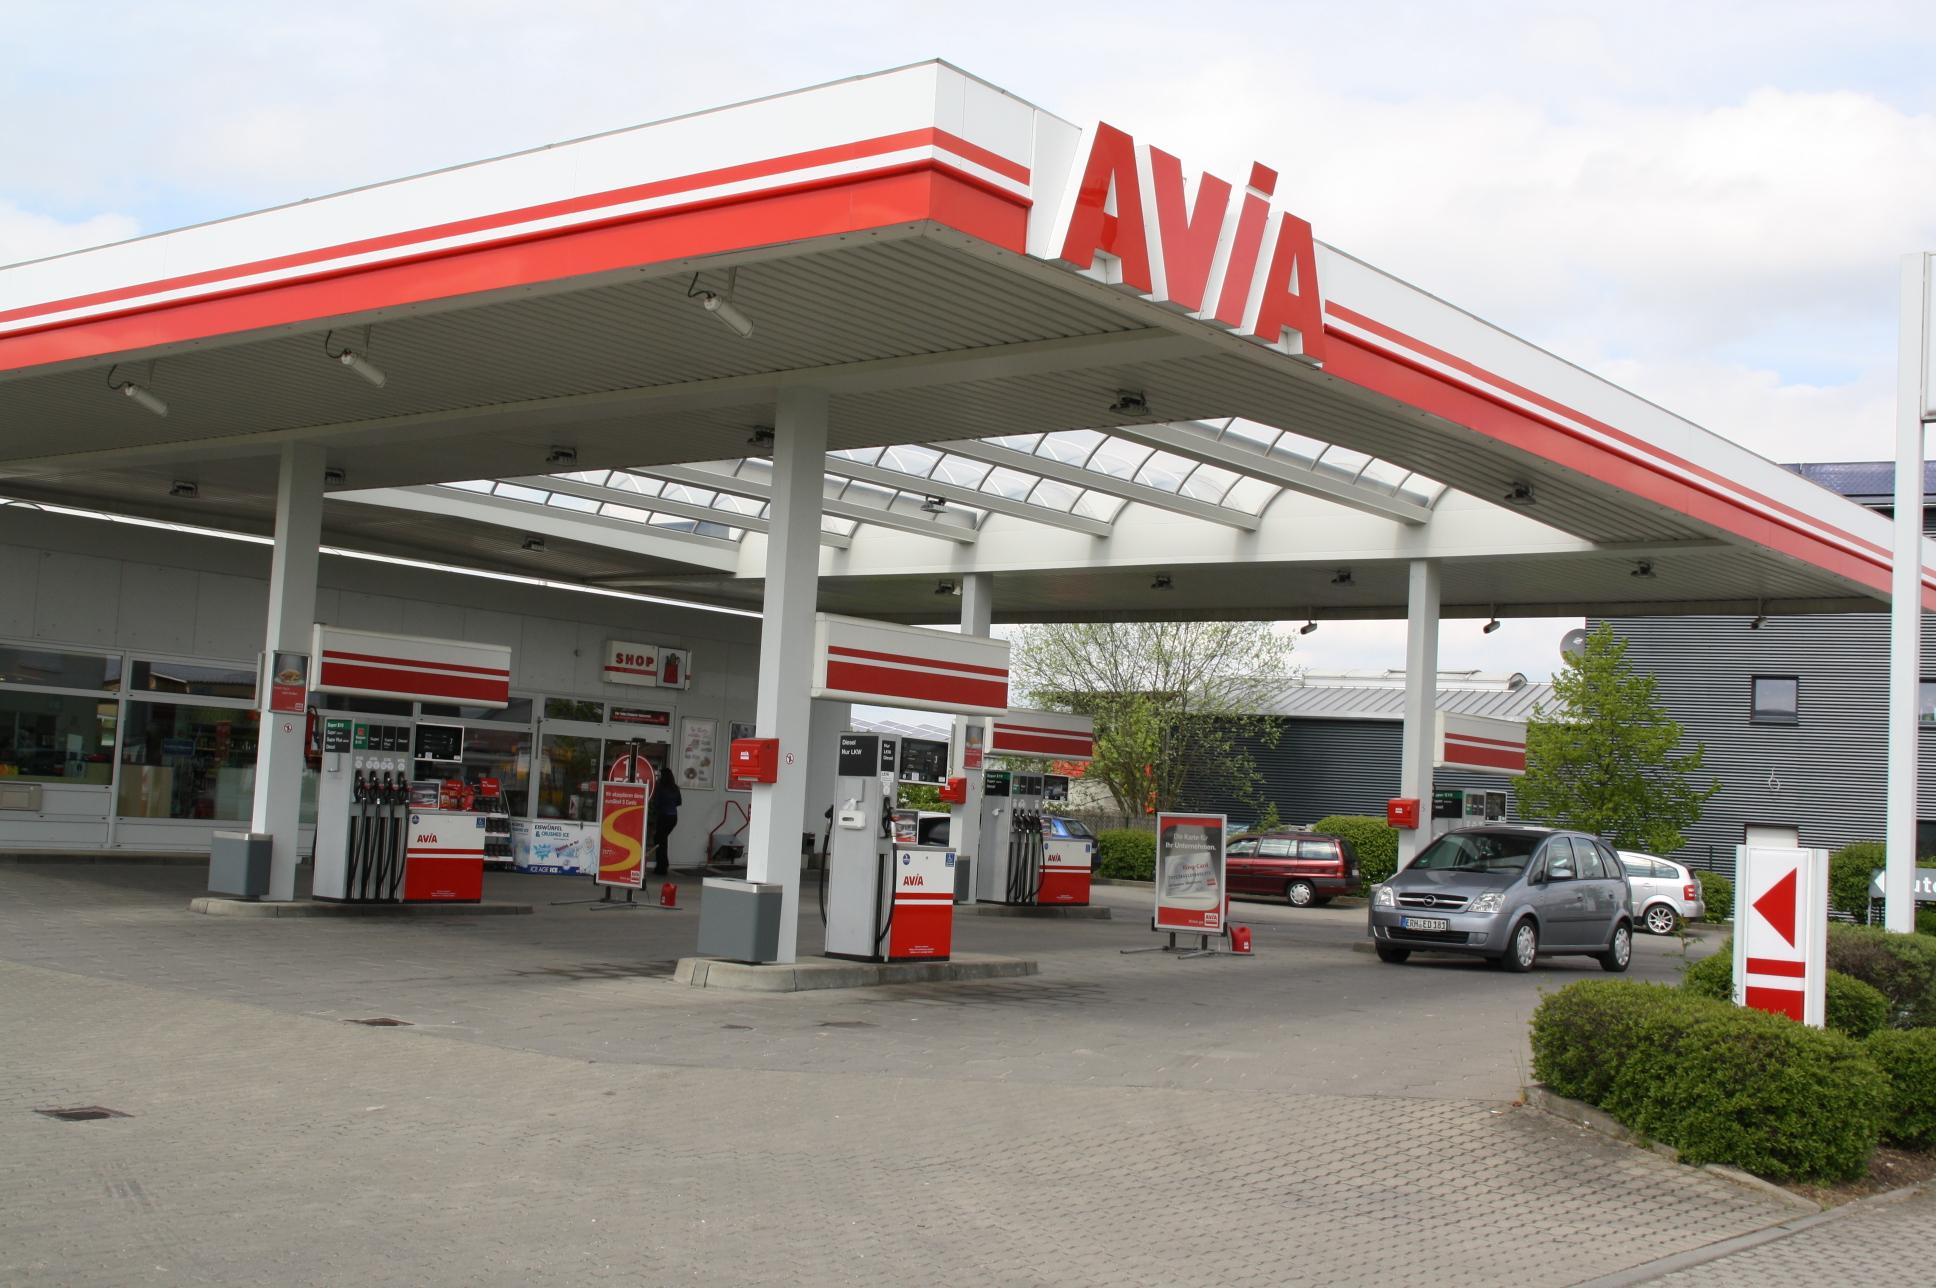 Die Avia-Tankstelle in Weisendorf wurde am Ostersonntagabend überfallen.